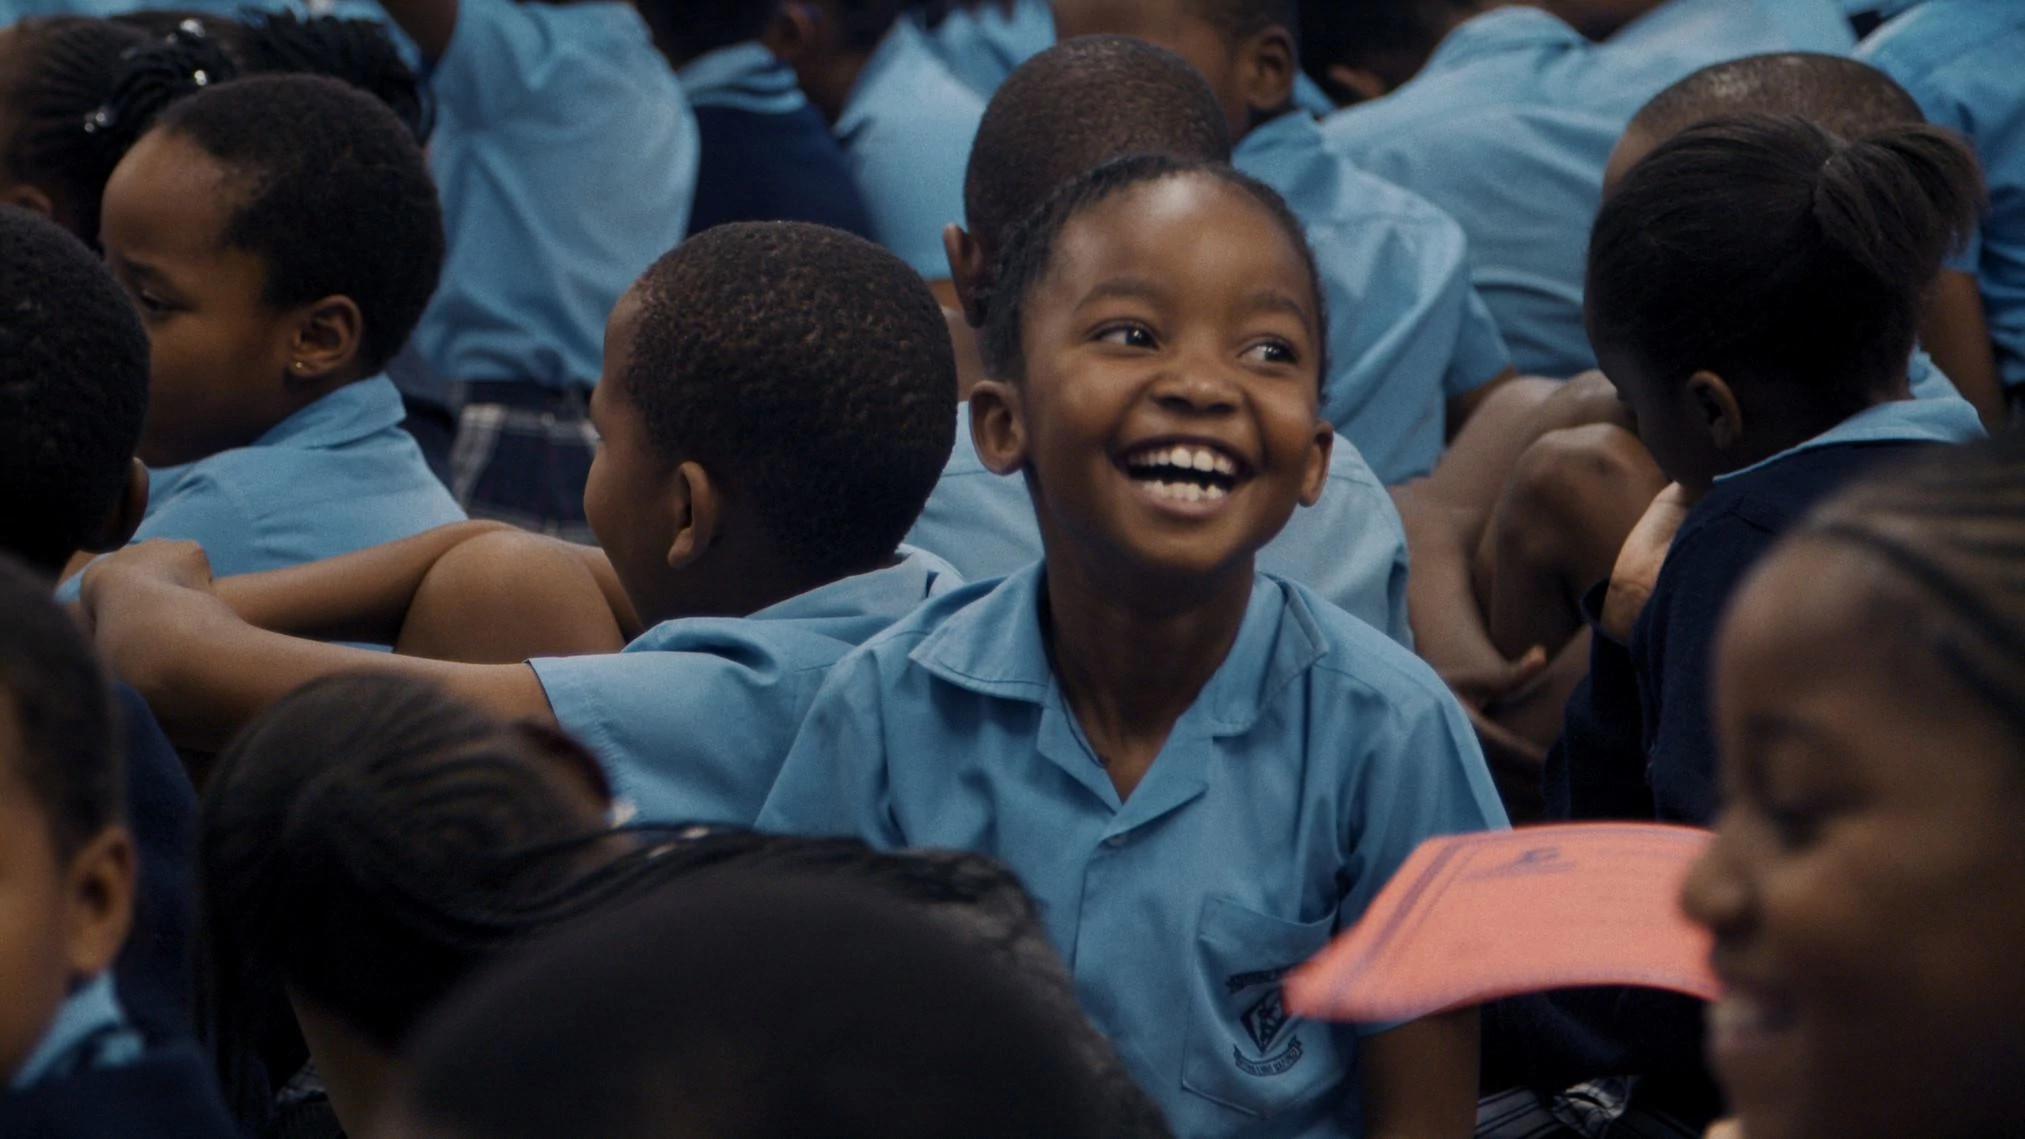 奥拉帕 (Orapa)学校的学生